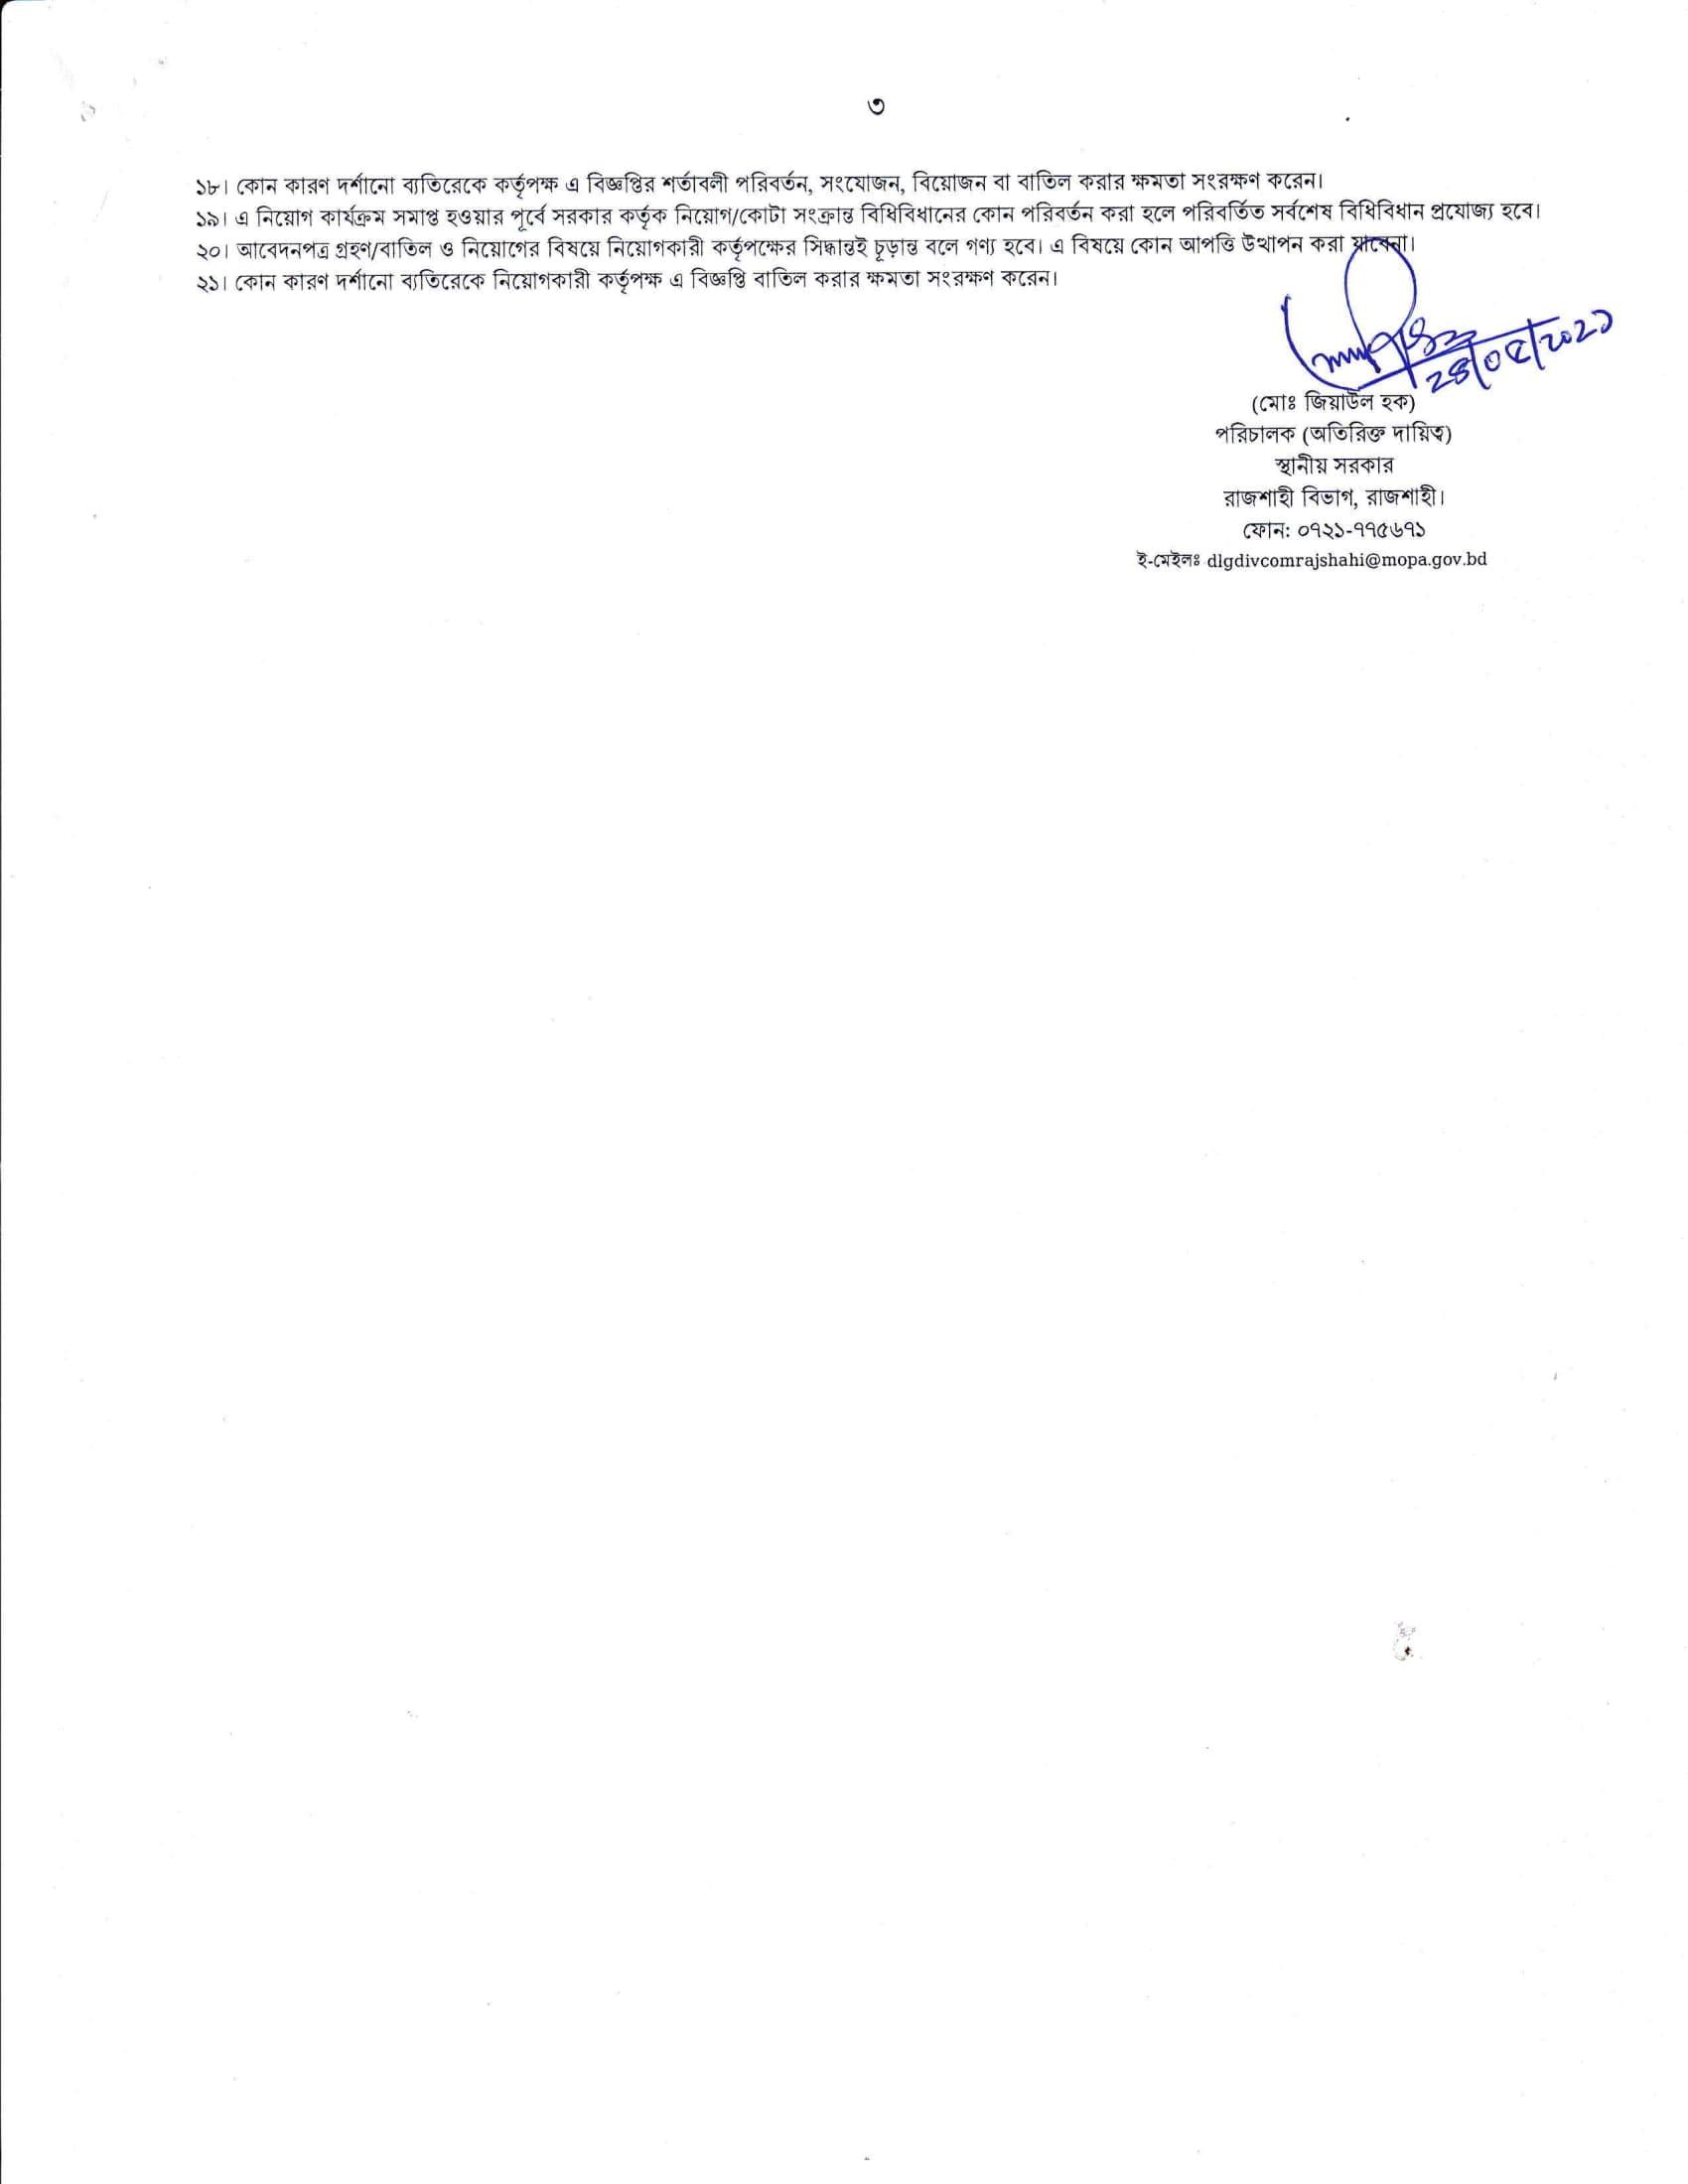 Rajshahi Division Job Circular